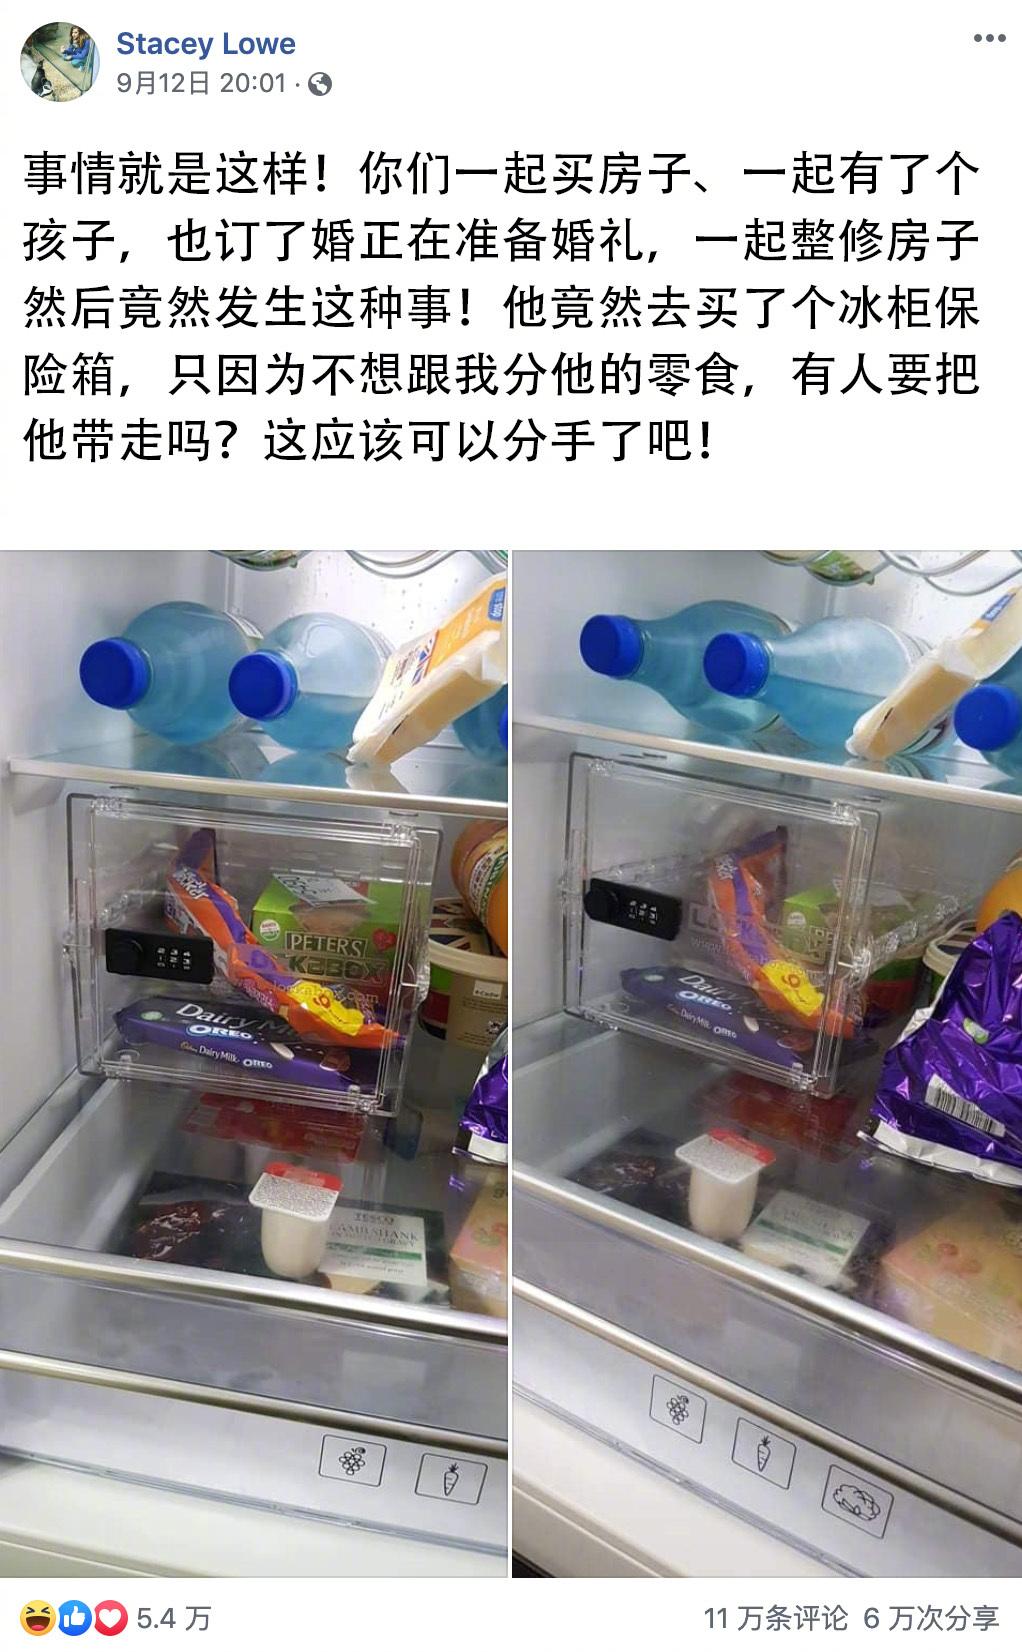 一小哥为了防止未婚妻偷吃他的零食,居然去买了个保险箱 涨姿势 第1张